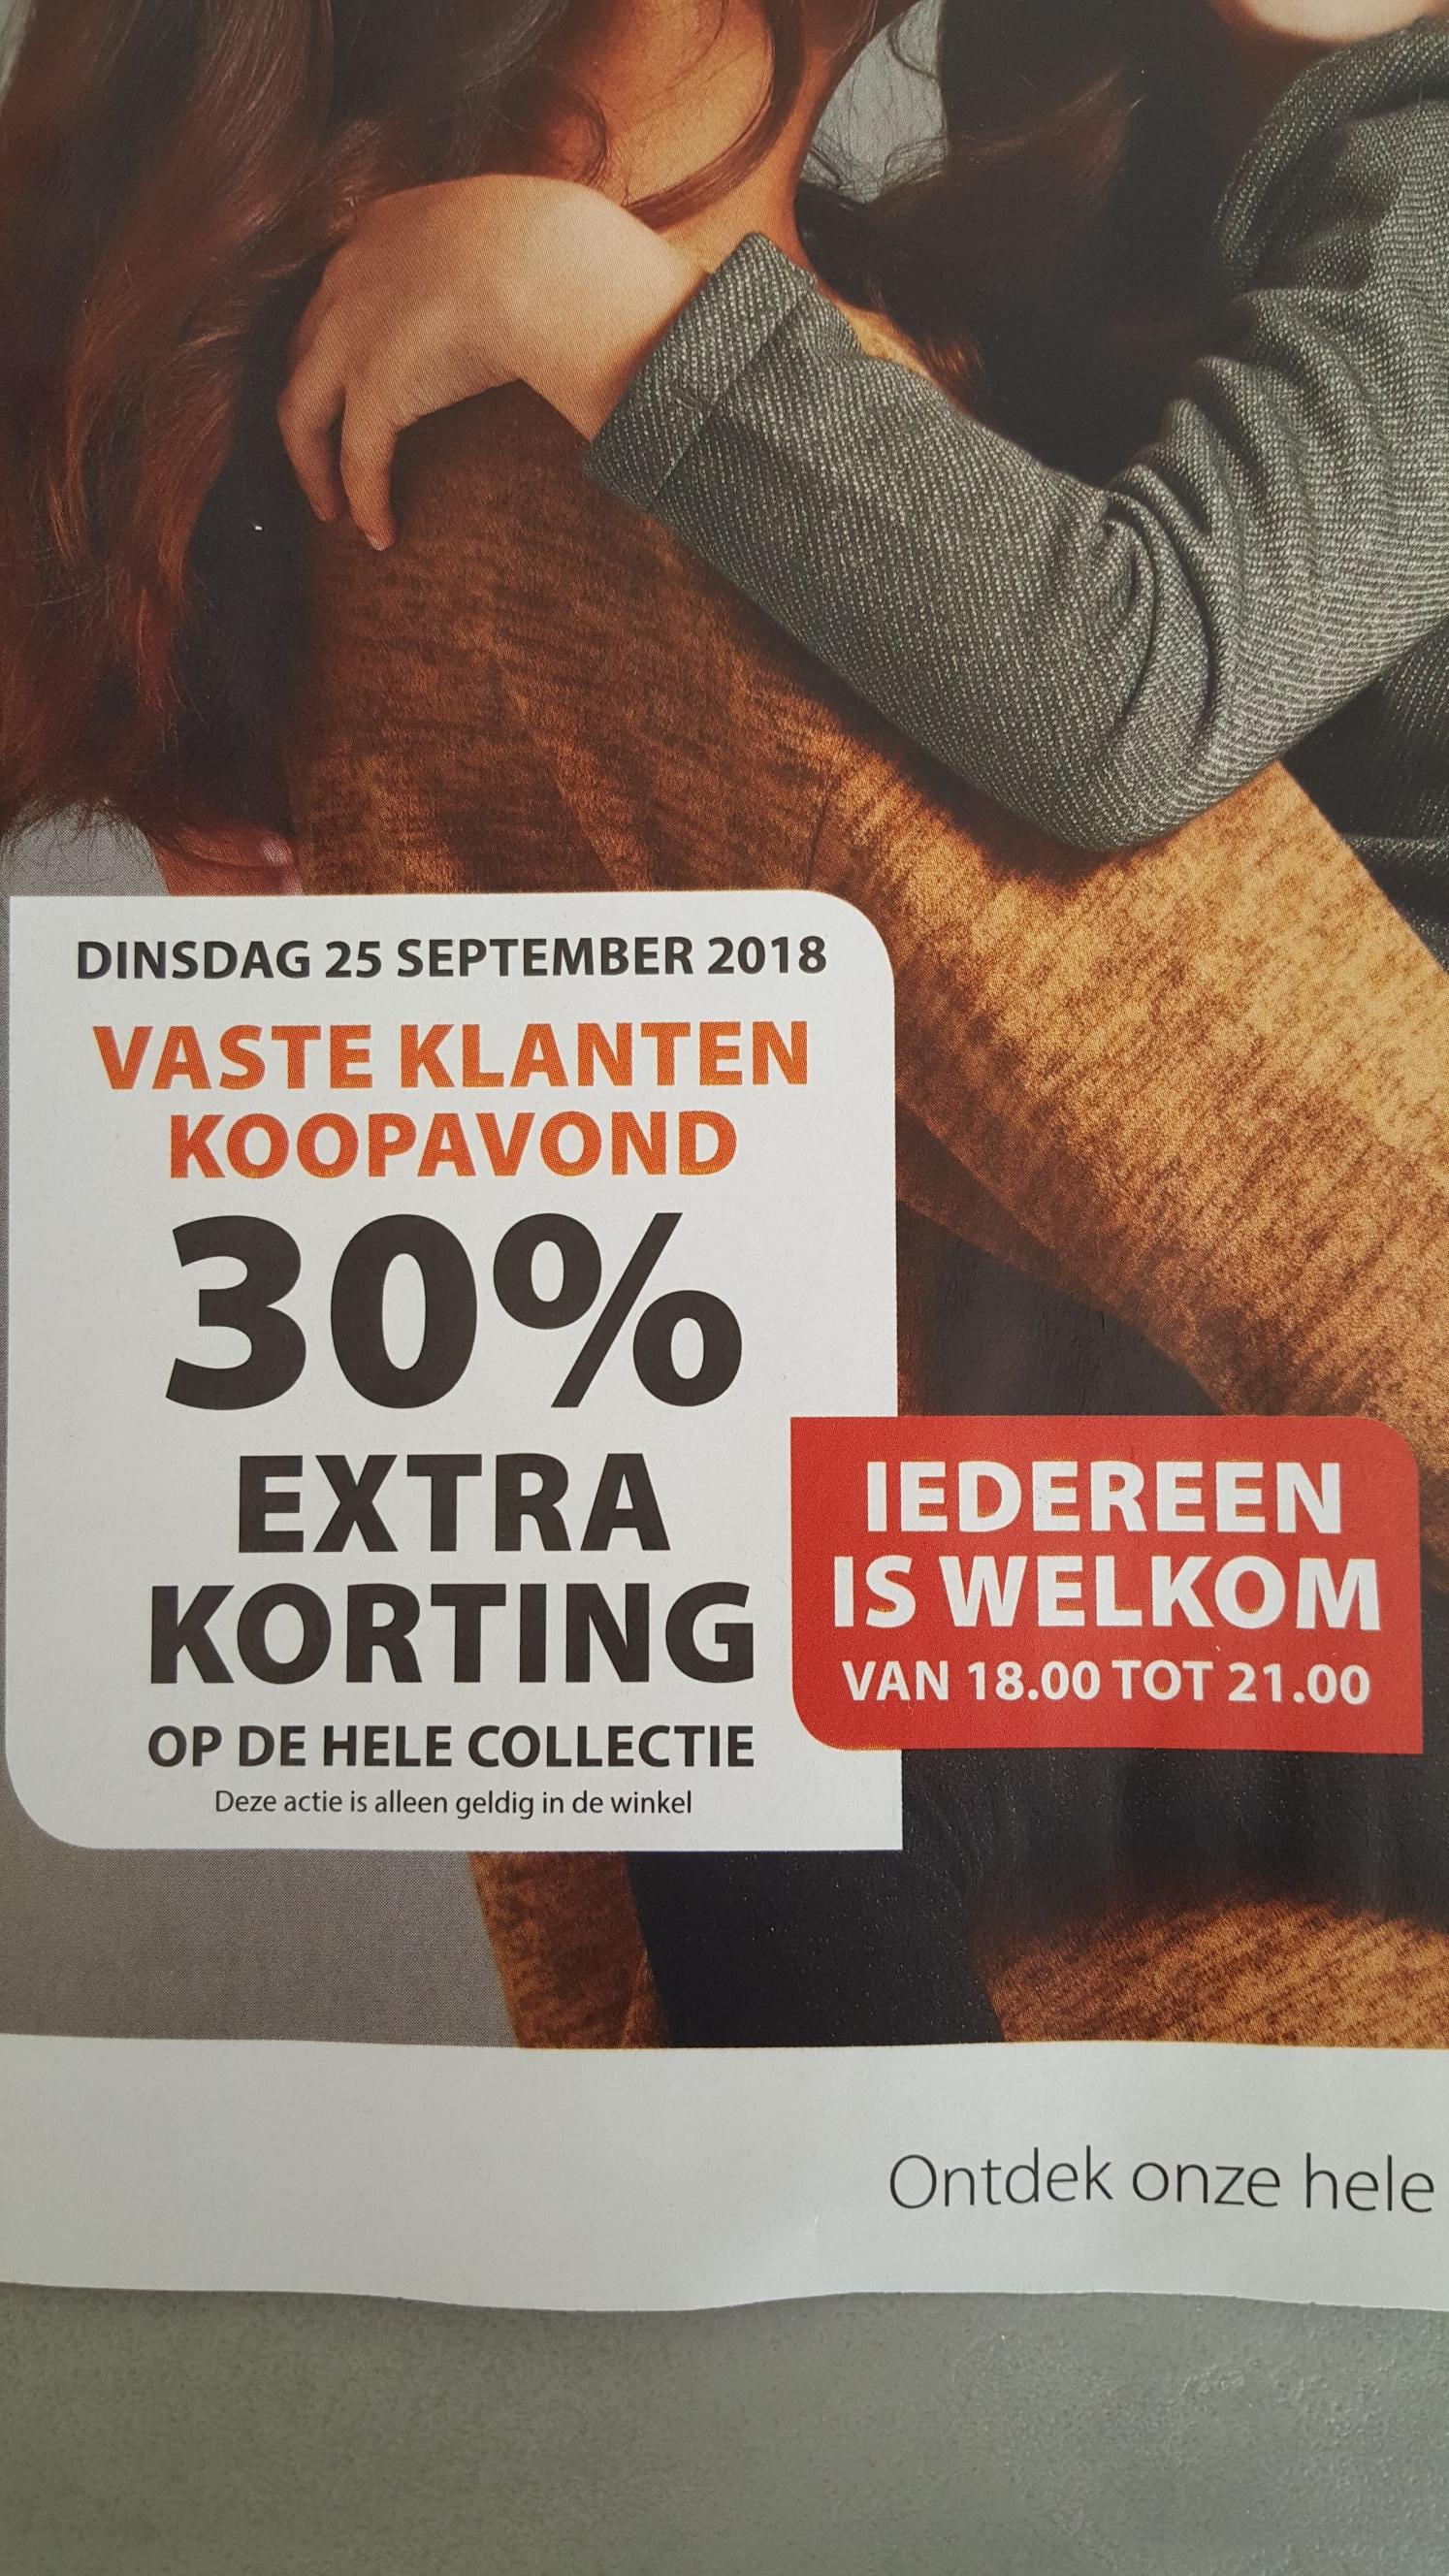 Dinsdag 25 september 30% extra korting op de hele collectie tussen 18.00 en 21.00 uur (alleen geldig in de winkel) @terStal